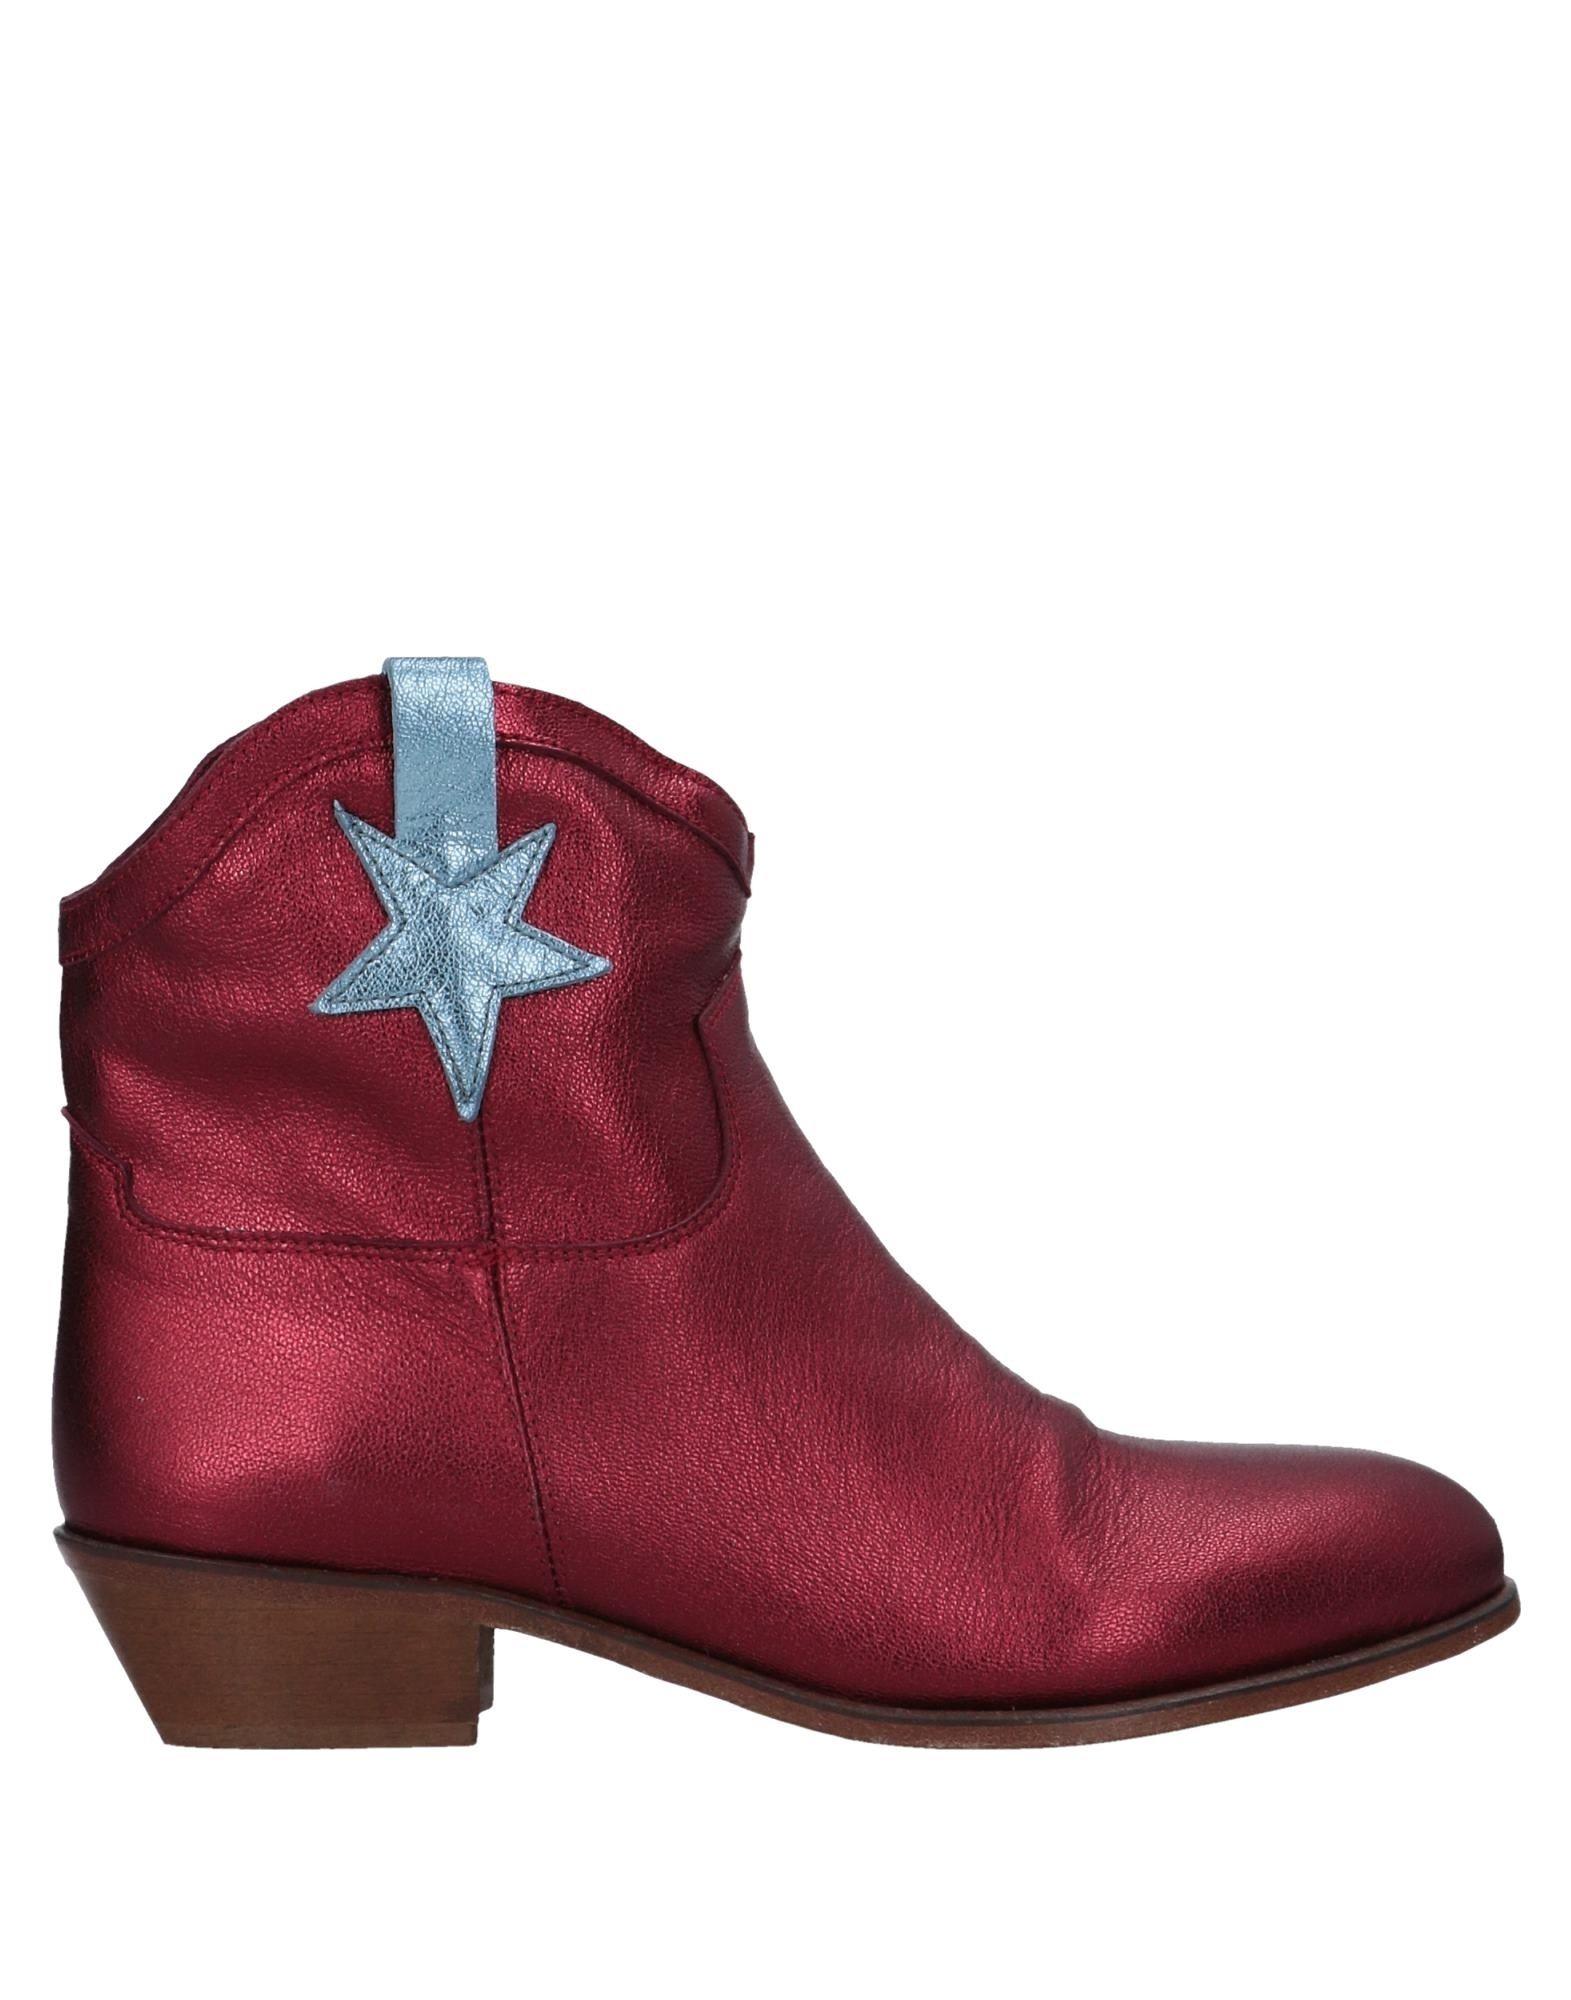 El Campero Stiefelette Damen  11544535DAGut aussehende strapazierfähige Schuhe